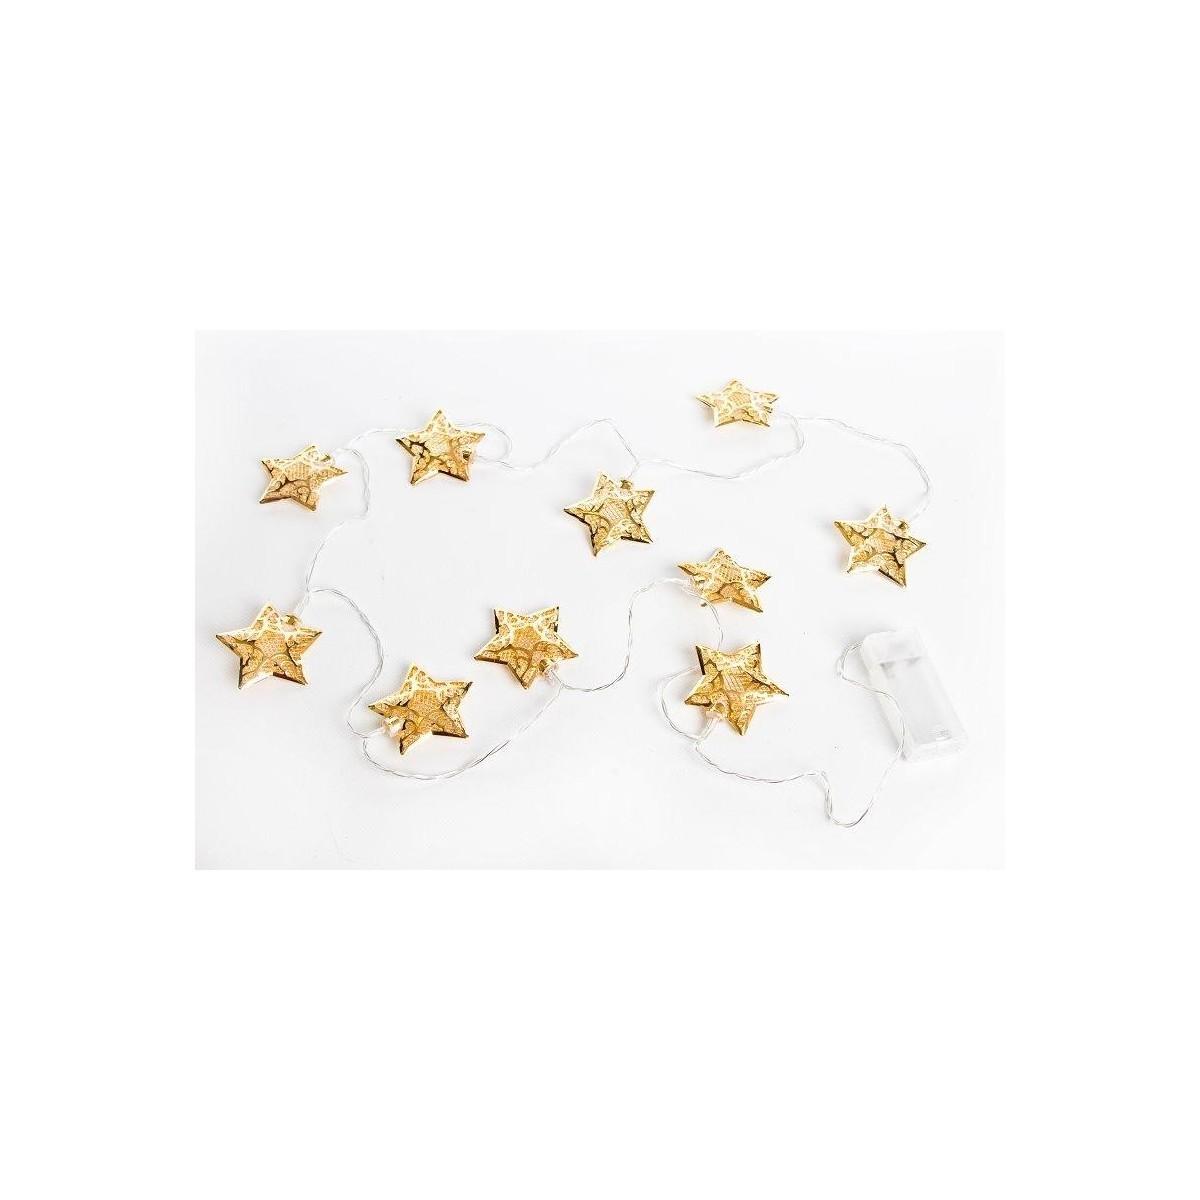 Oświetlenie dekoracyjne gwiazdki GOLD(36 szt)